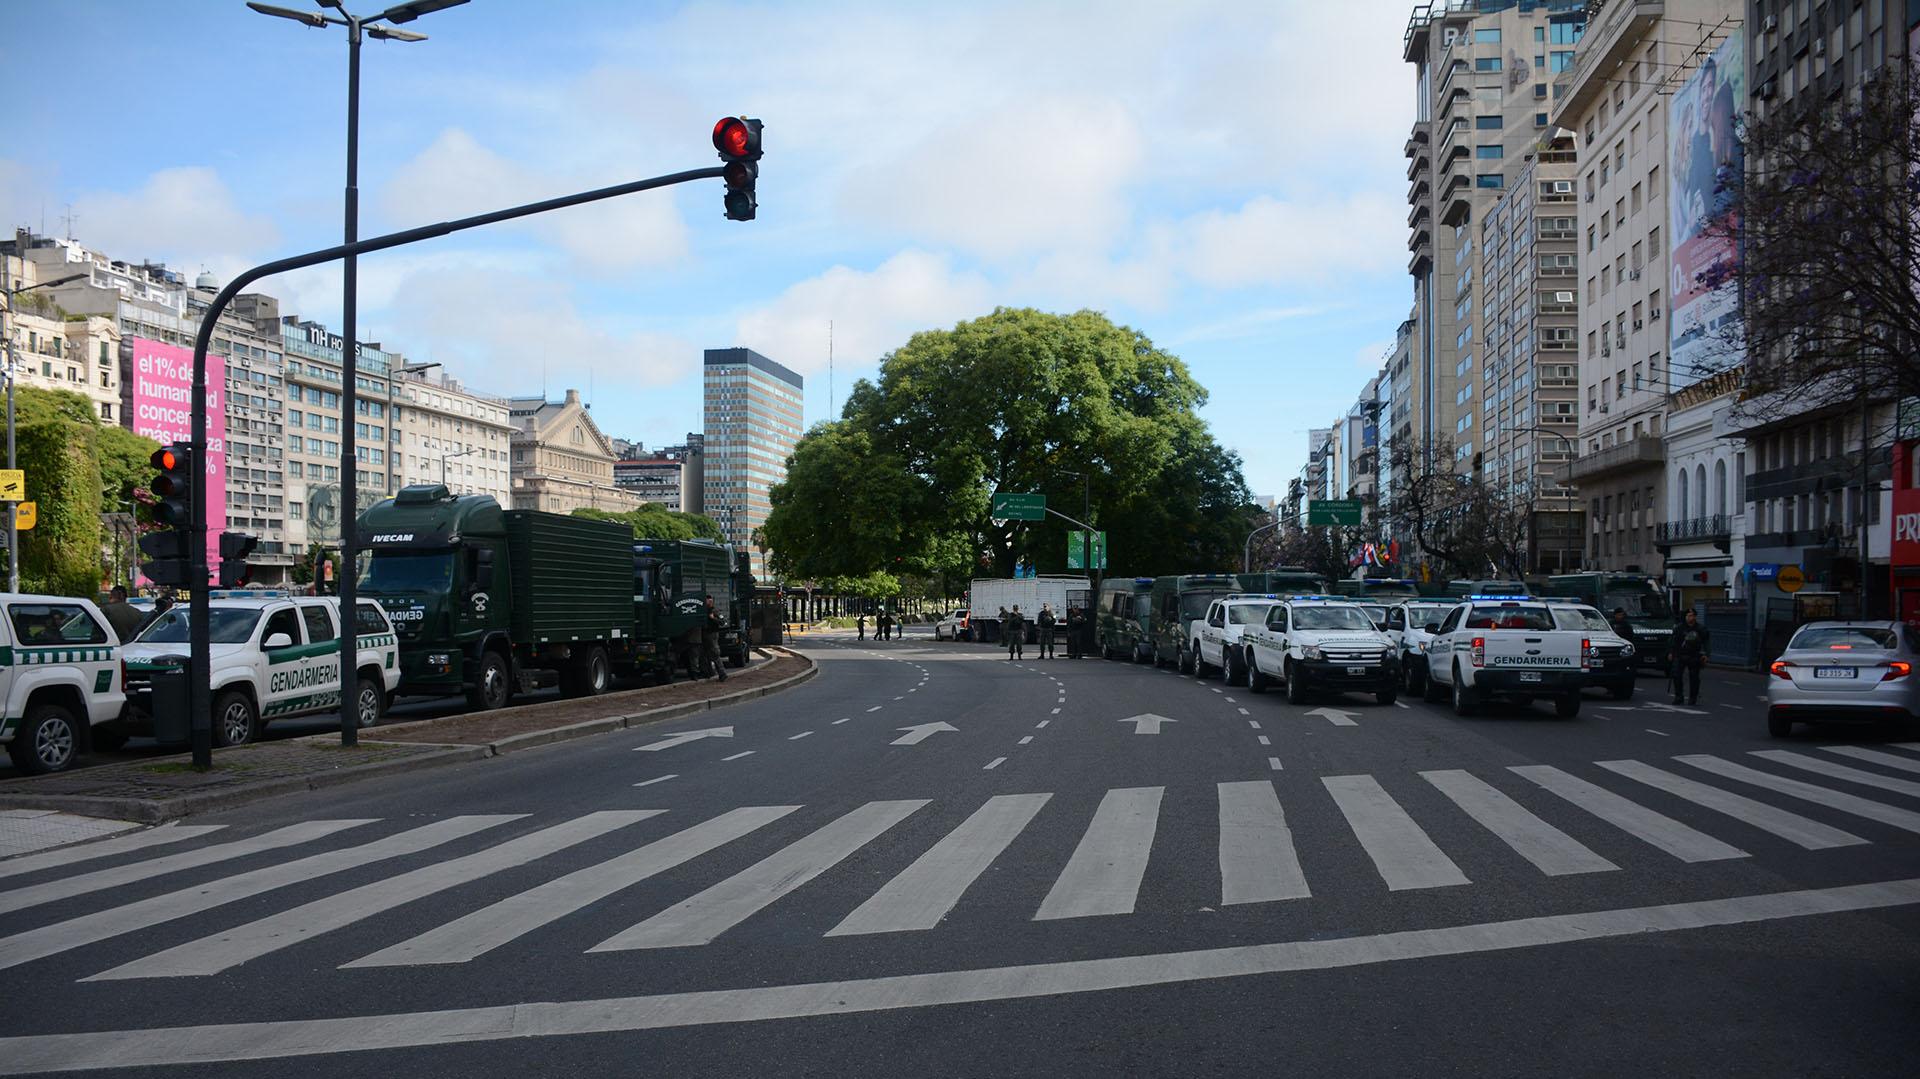 La caravana saldrá a las 15 desde las avenidas 9 de Julio y San Juan y terminará en el Congreso, después de un recorrido que -tras acordarse con el Gobierno nacional- será por Avenida de Mayo